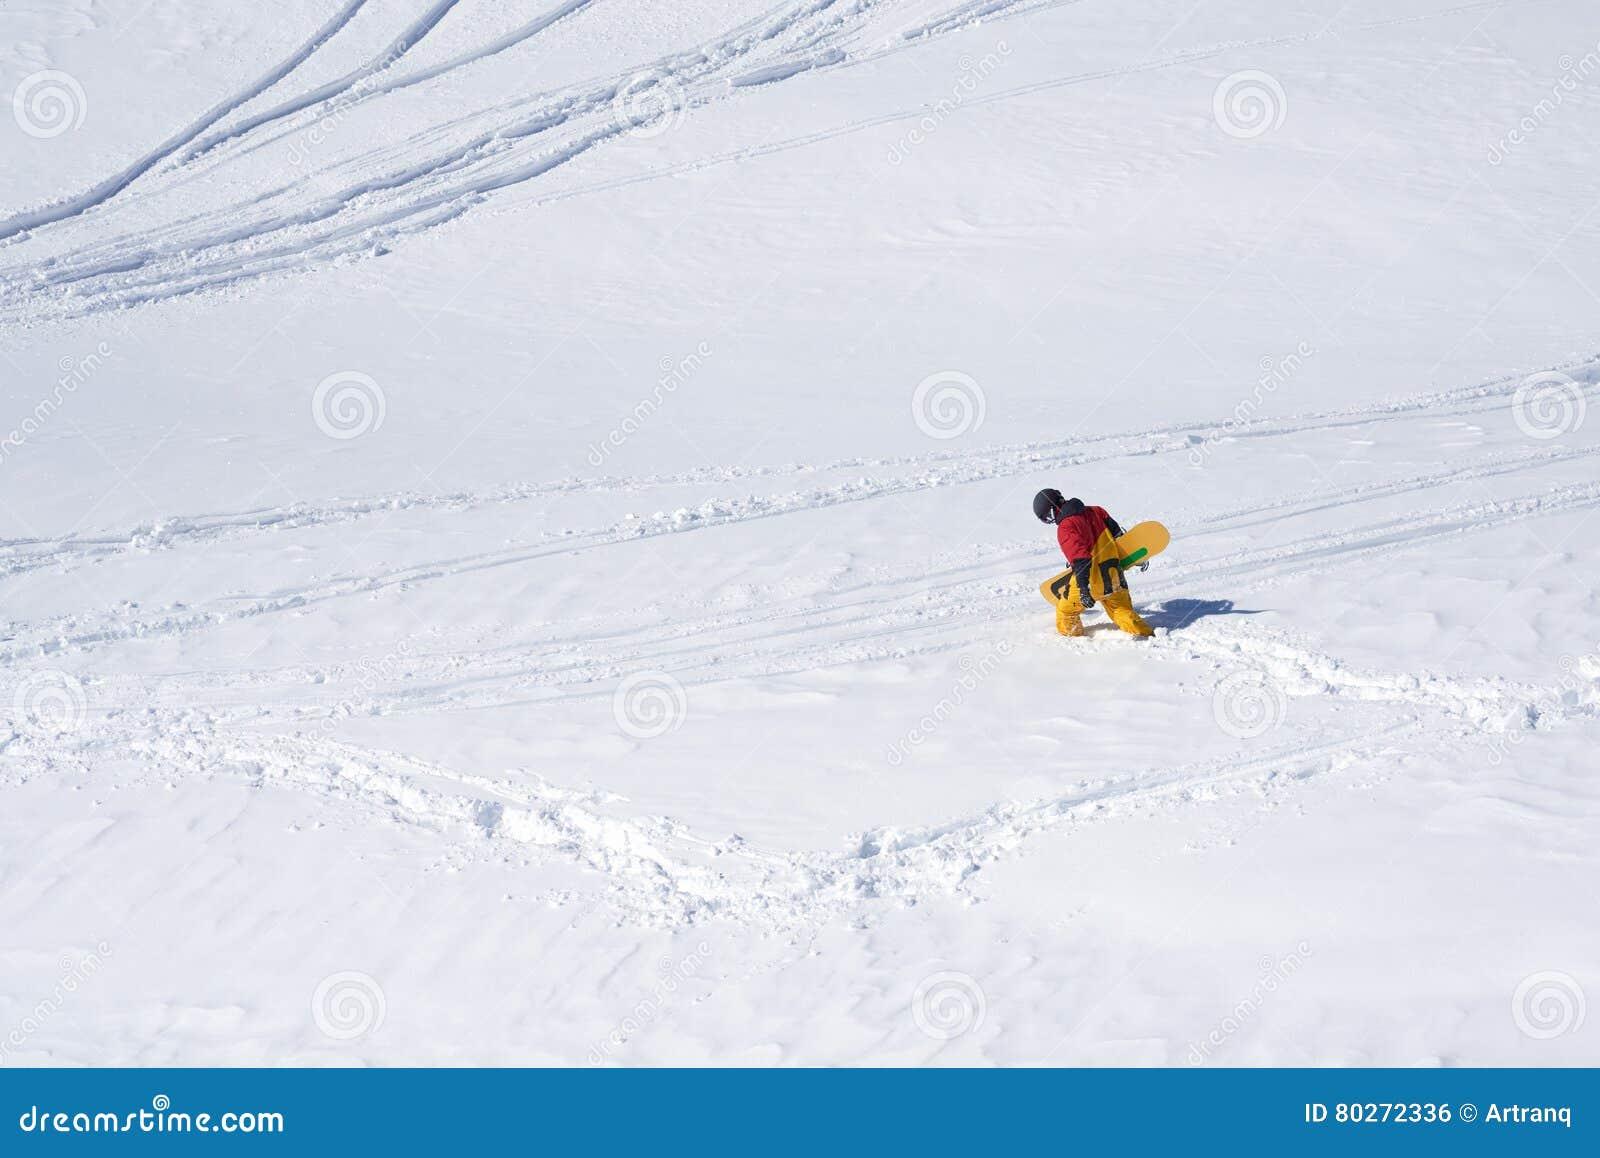 Snowboarder zatrzymująca opłata równiny i głęboki śnieg